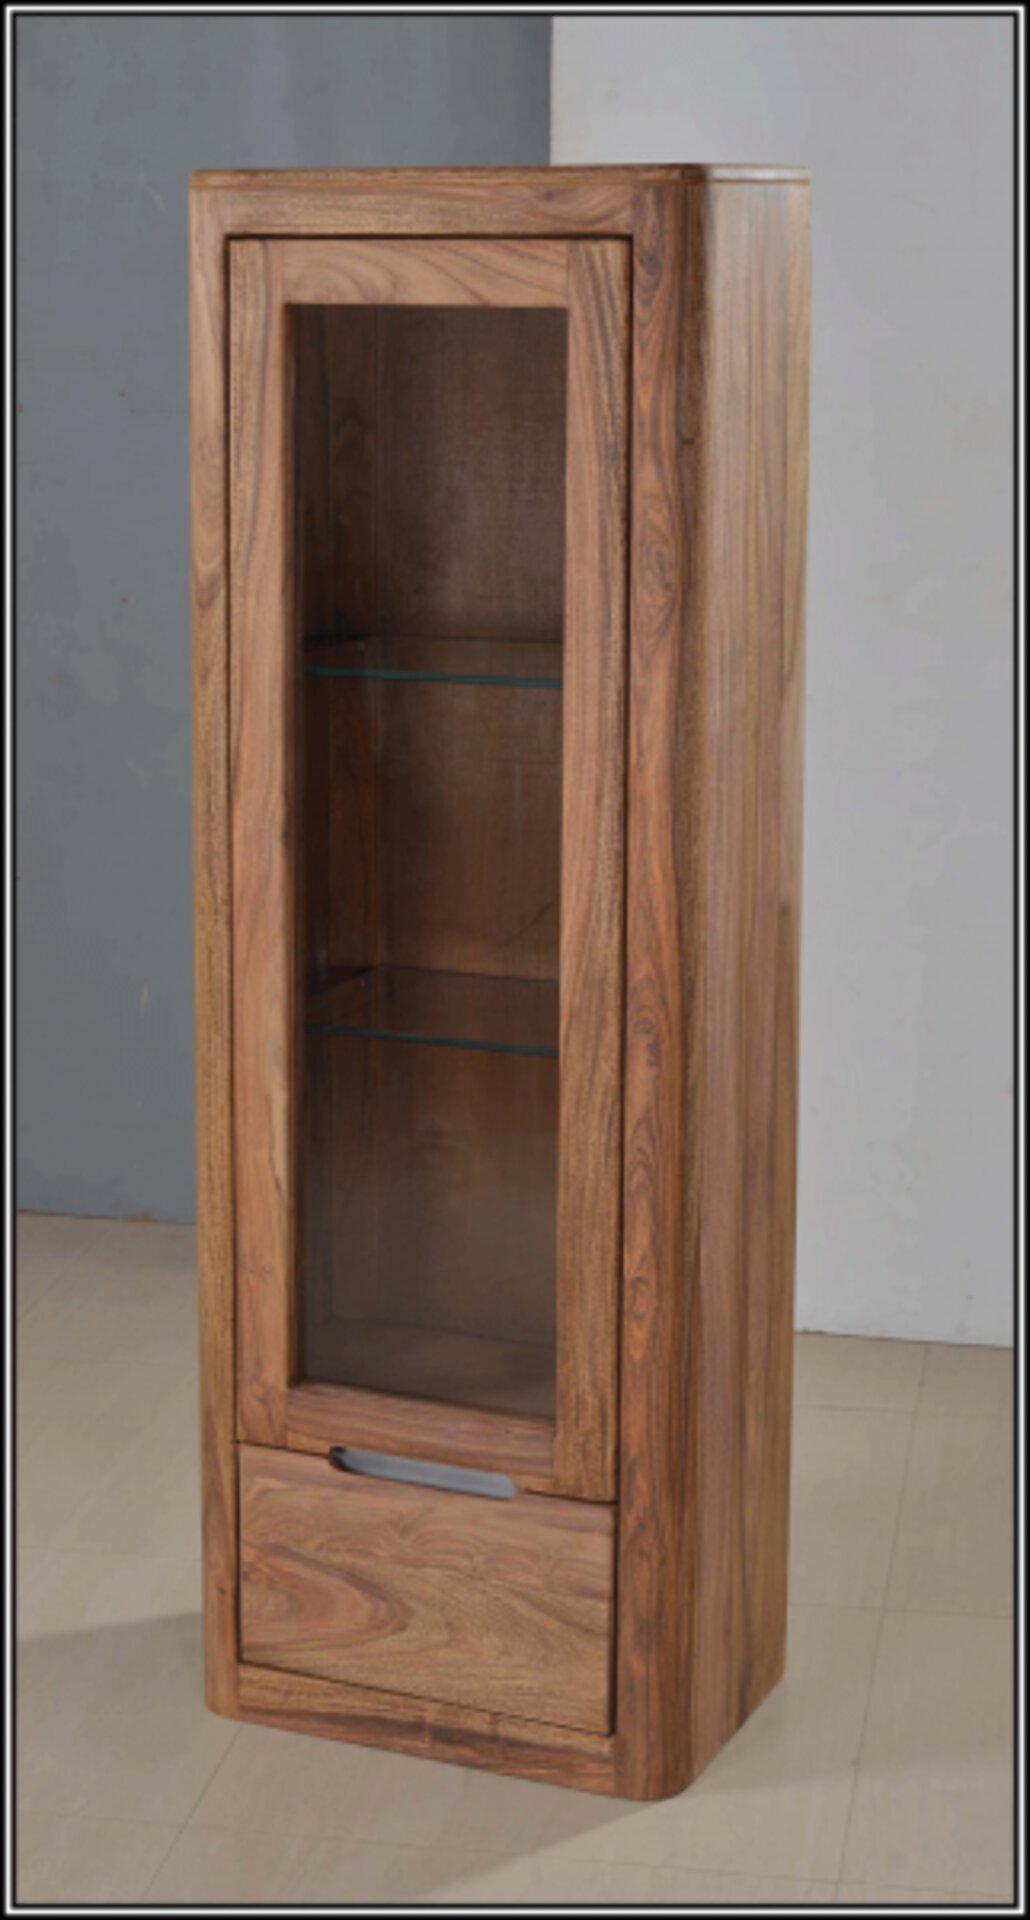 Hängeschrank WZ-0104 CELECT Holz braun 2 x 1 cm